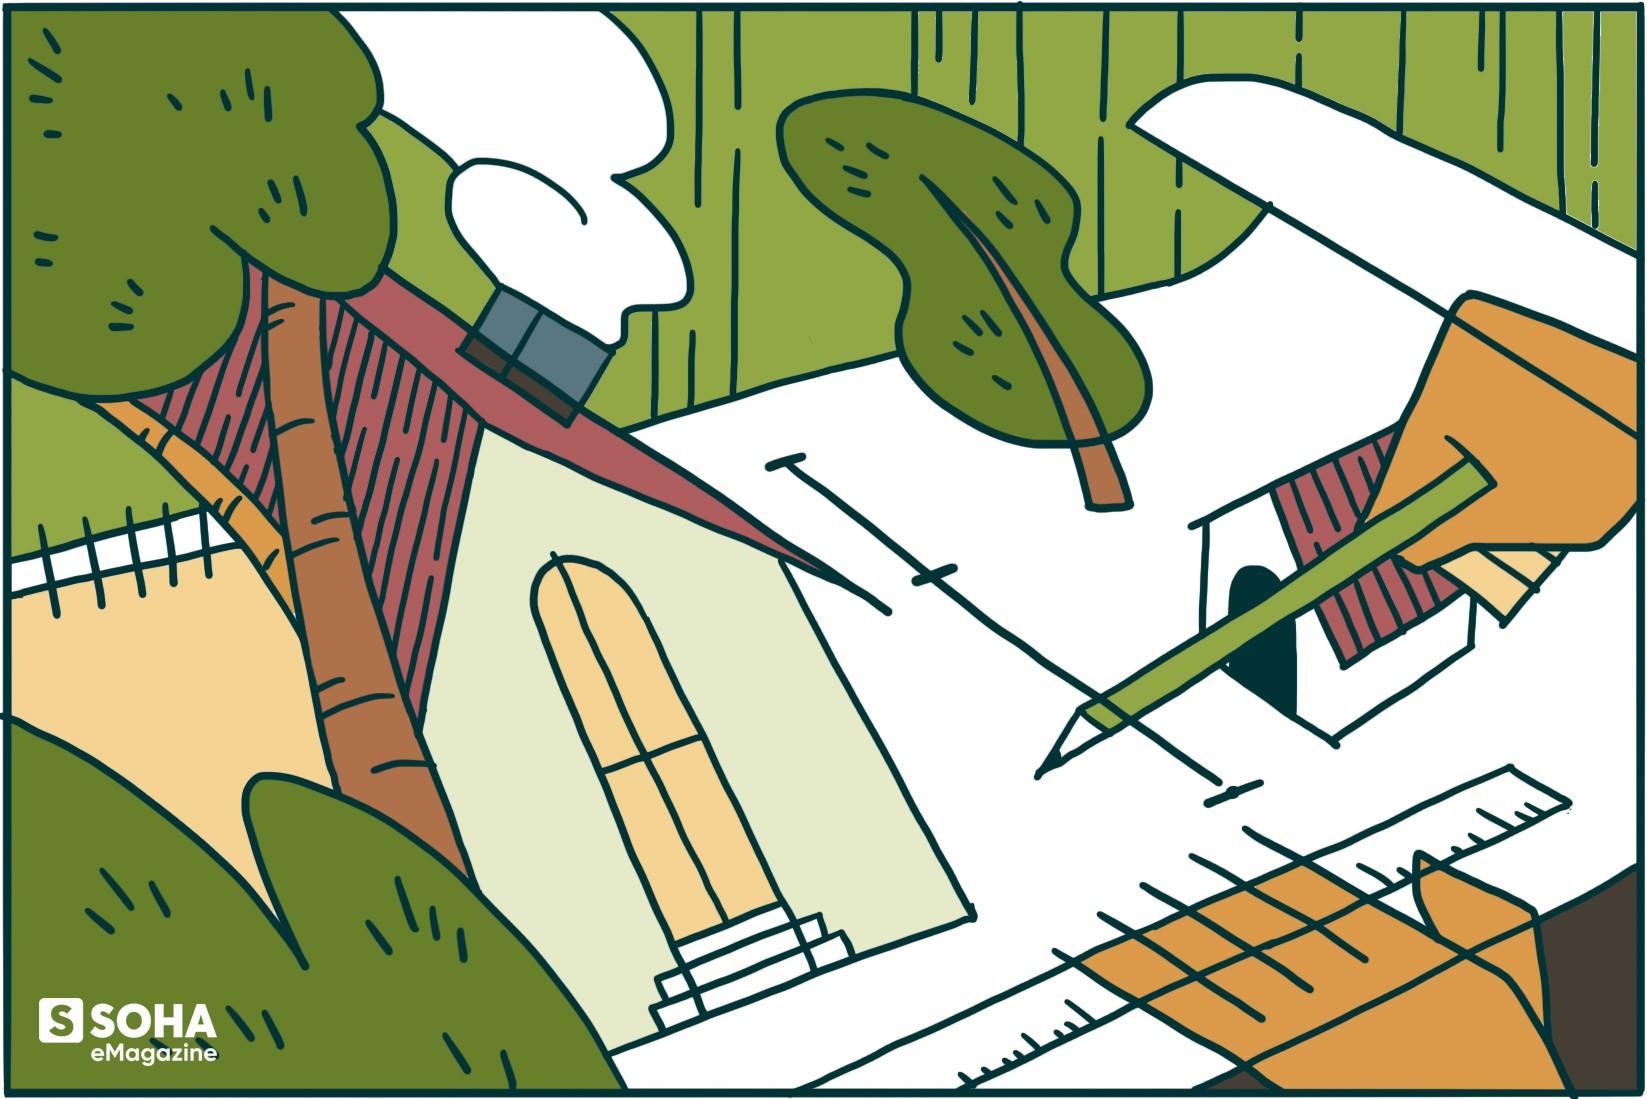 KTS Võ Trọng Nghĩa: Làm kiến trúc mà thiền tập và giữ giới nghĩ qua tưởng là thiệt nhưng nghĩ lại thì thuận lợi vô cùng! - Ảnh 6.